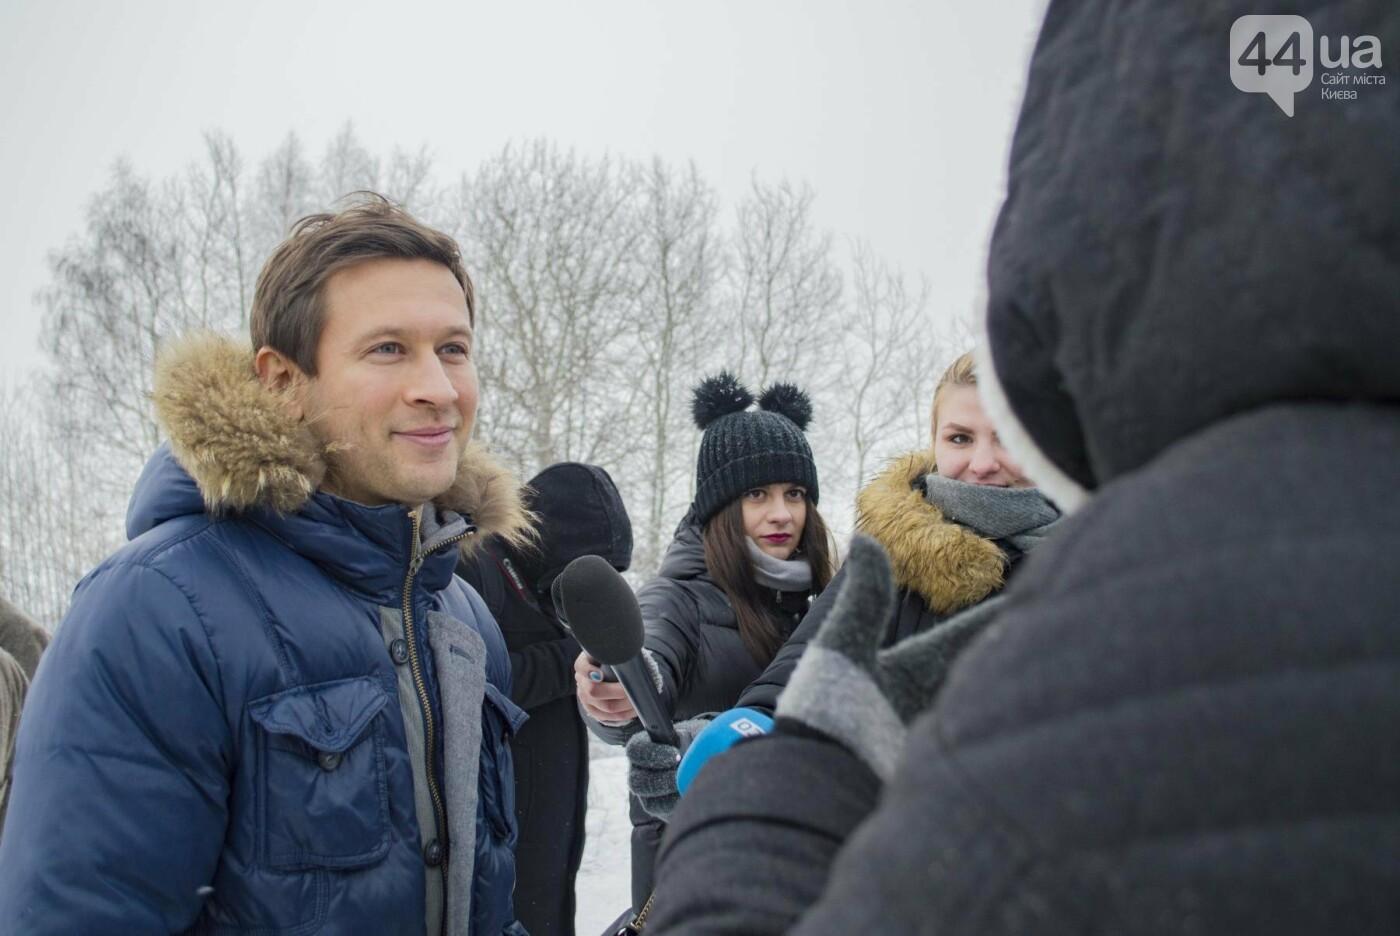 Под Киевом снимают новый украинский фильм, яркие закулисные фото, фото-5